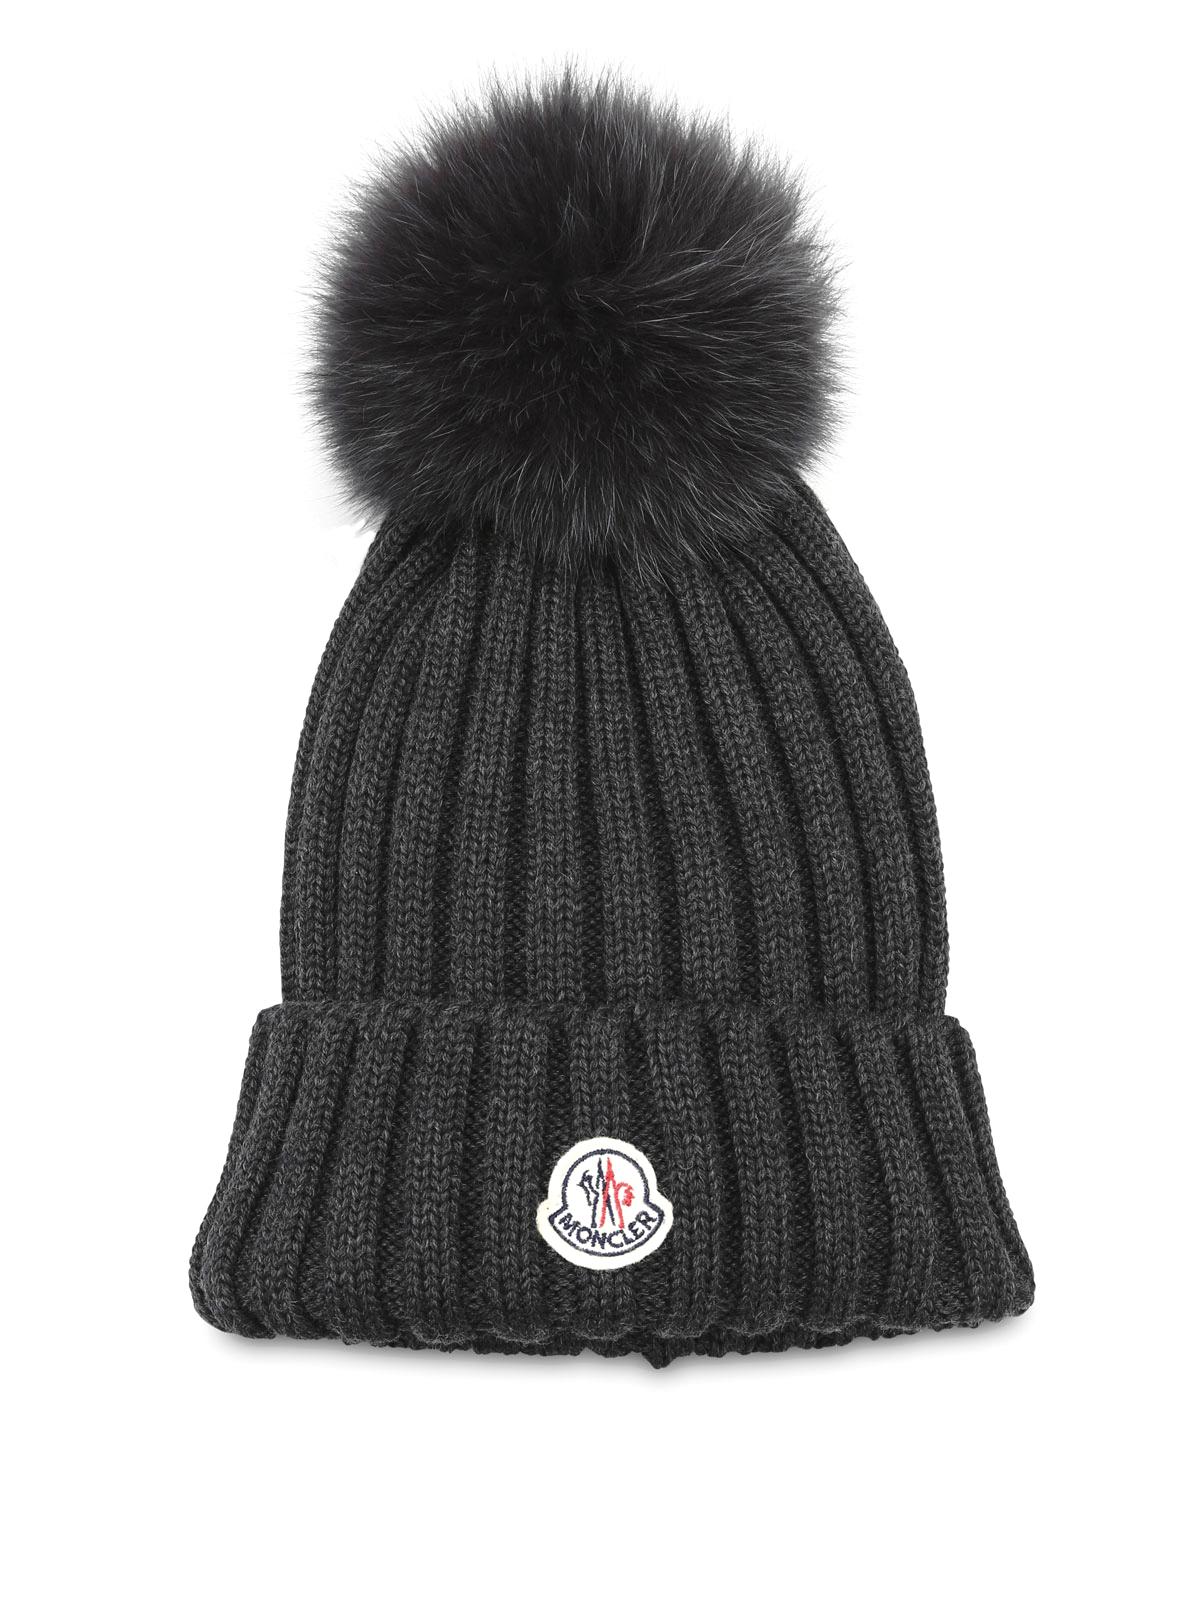 moncler cappellino 79c4deacea86